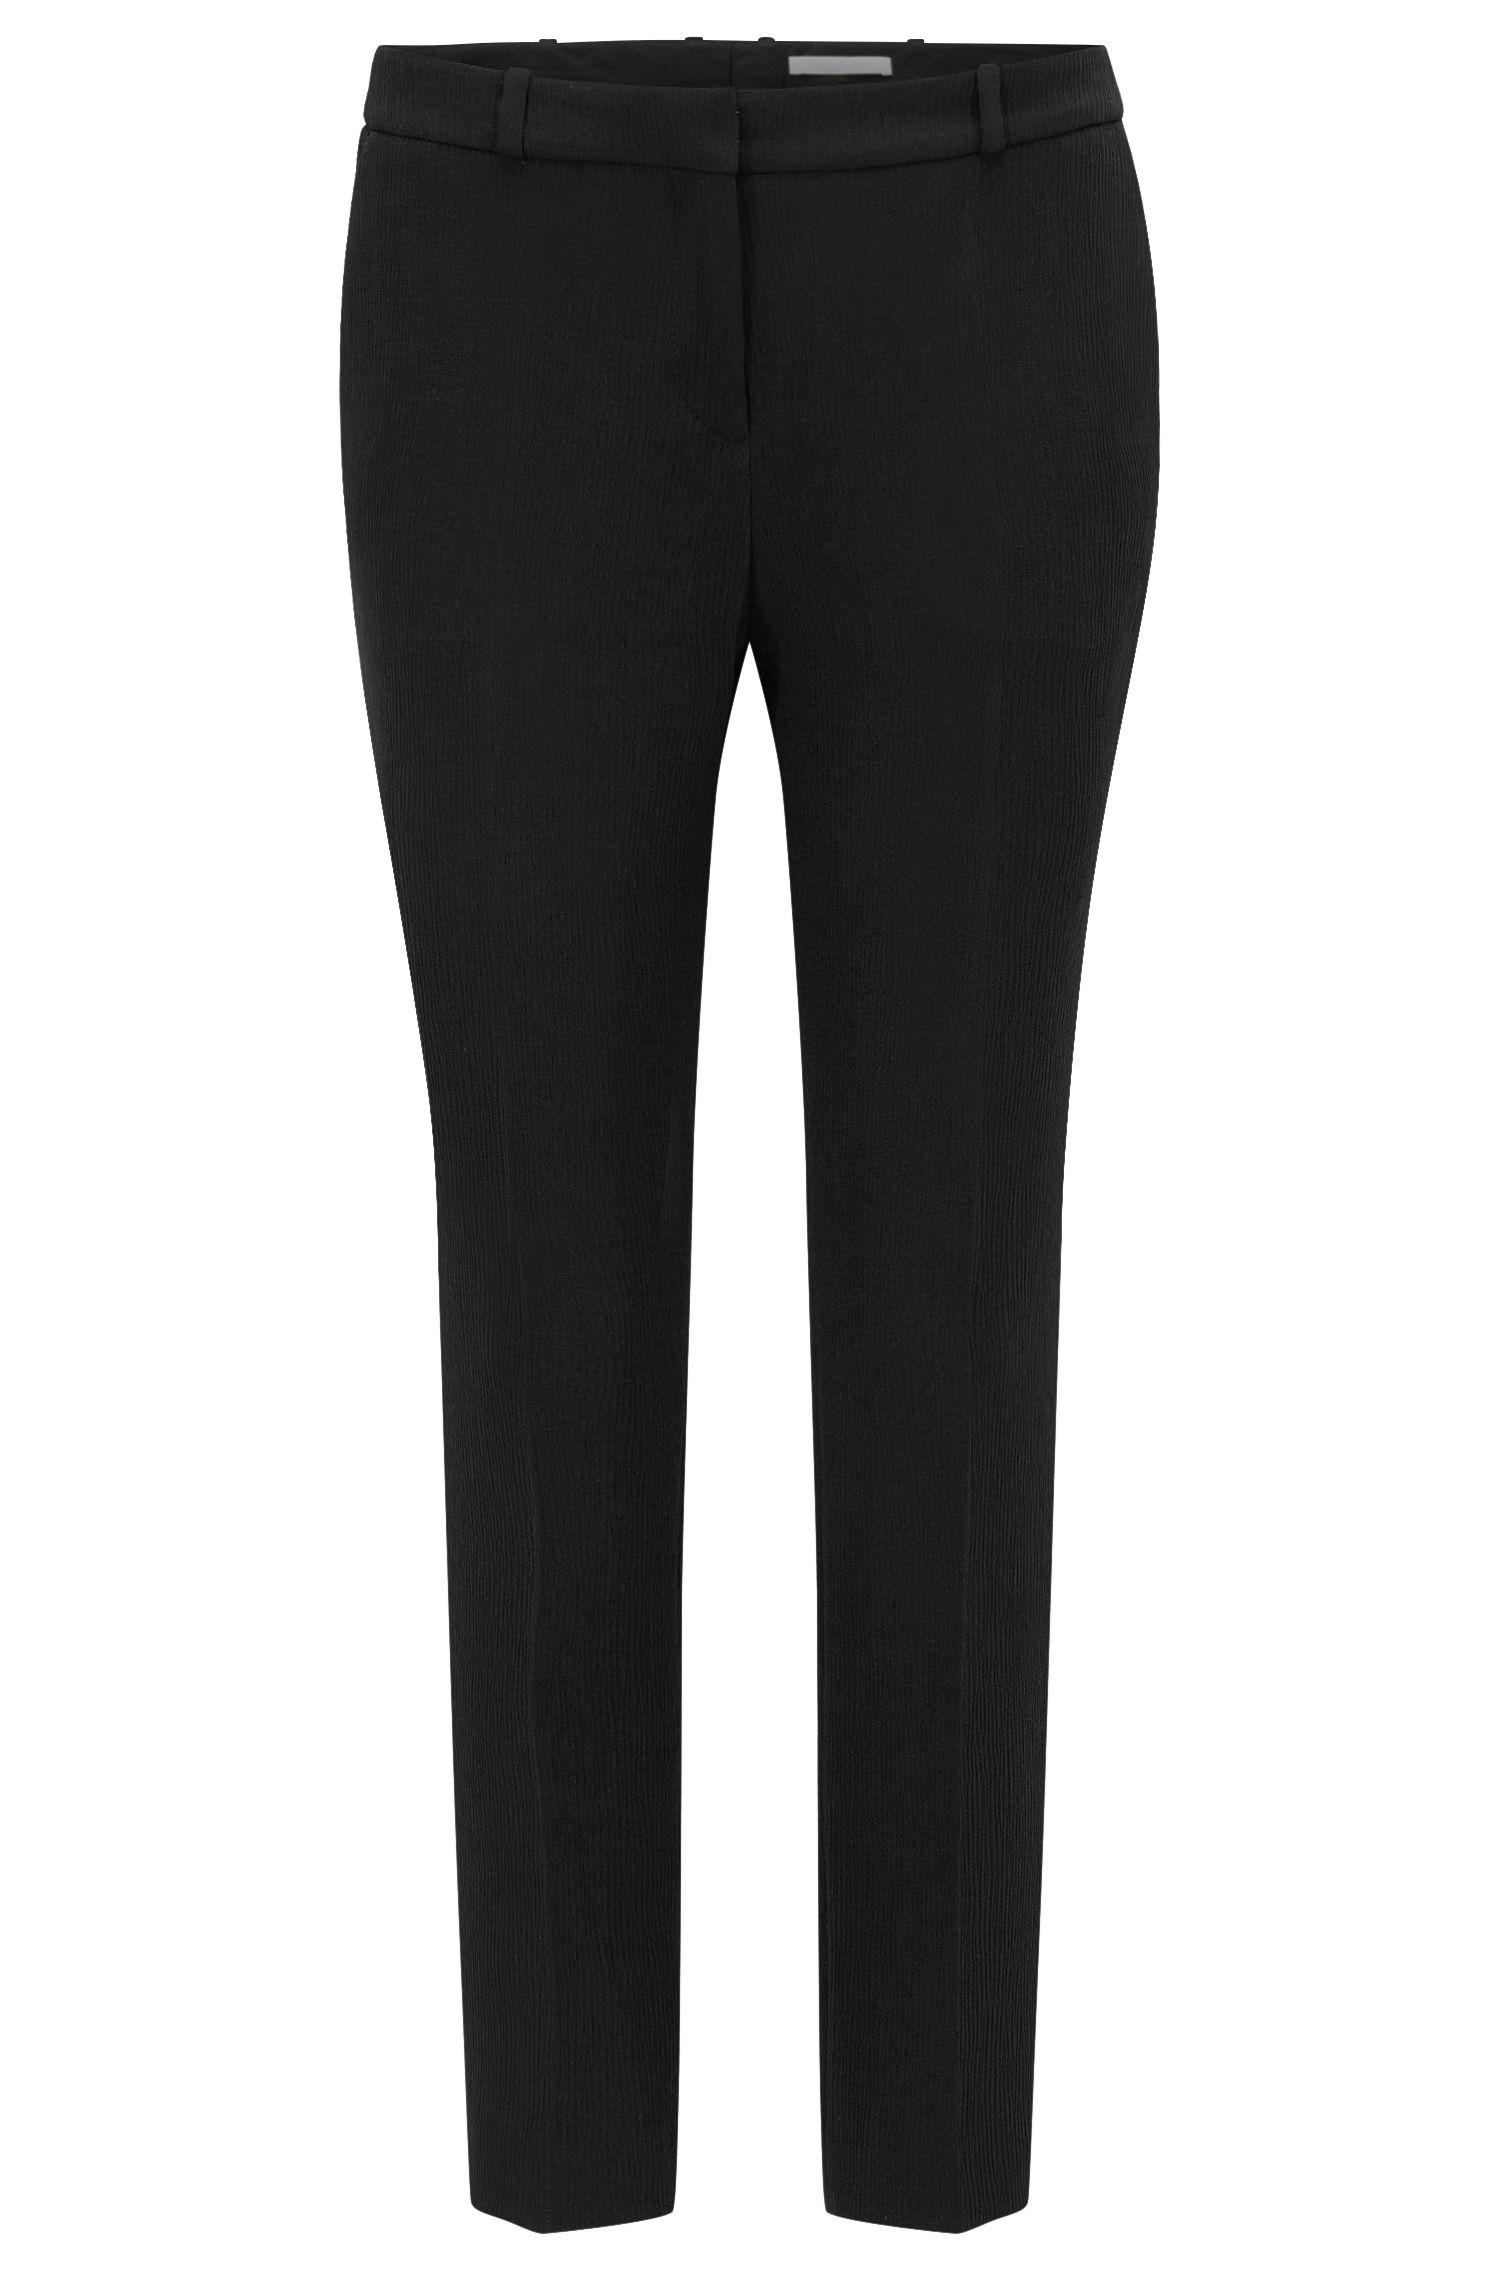 Crepe Cropped Suiting Pant | Tanitea